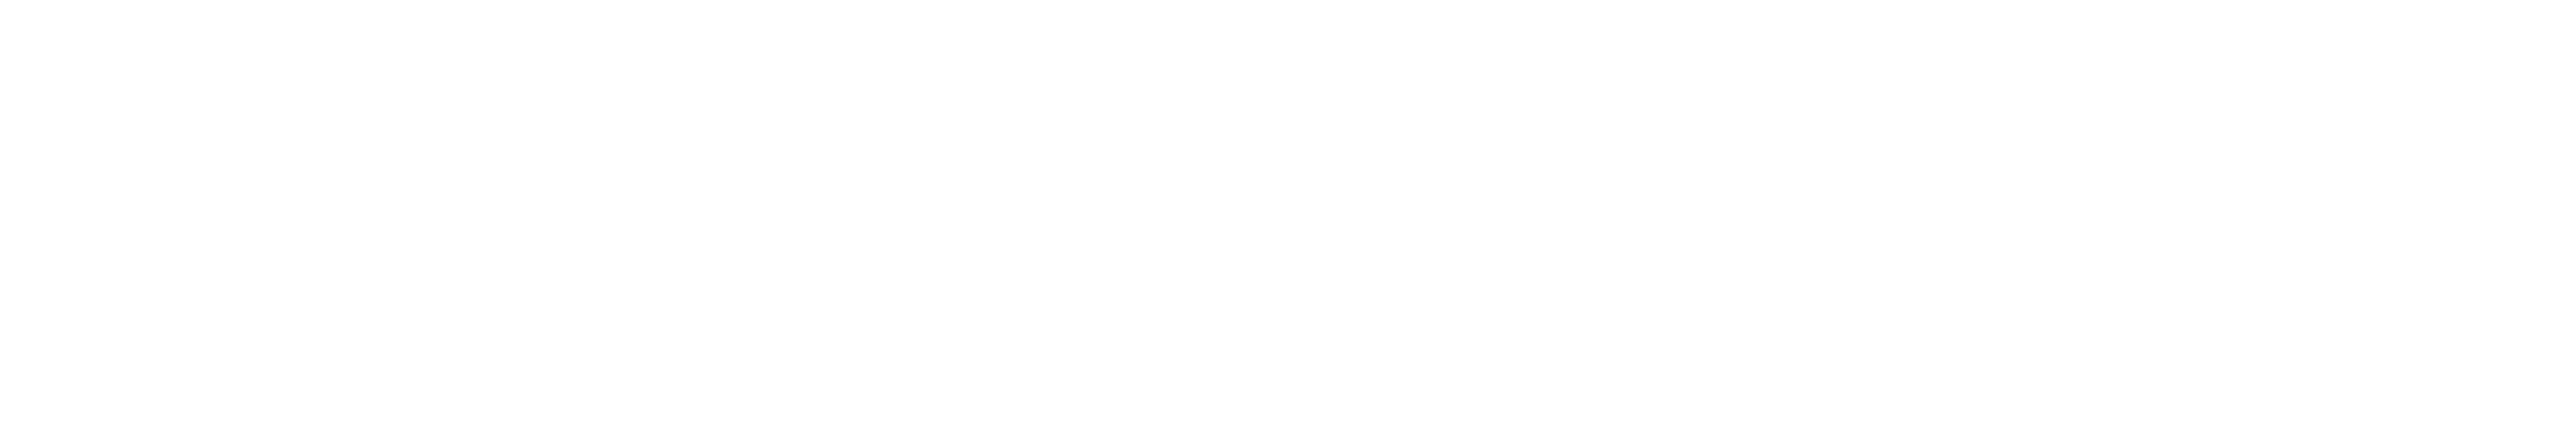 oceansidecustombuilding.com